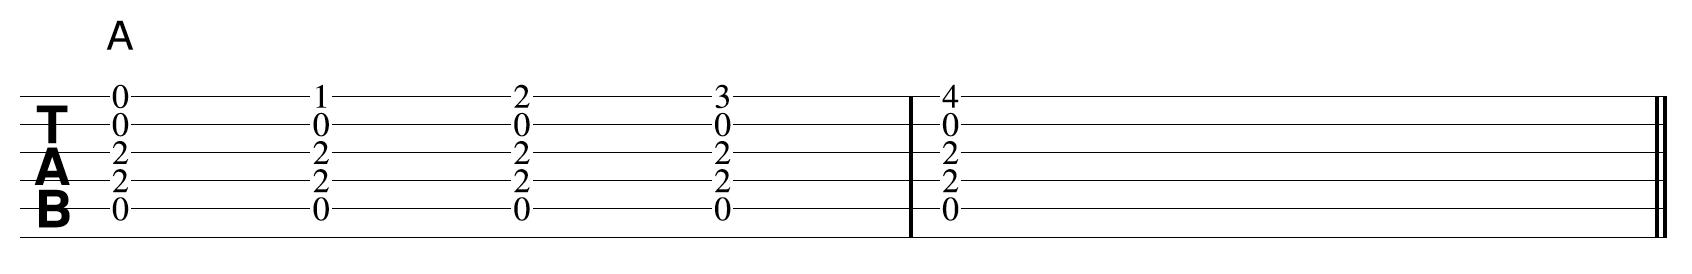 Guitar Chord Shape 1 Chromatic